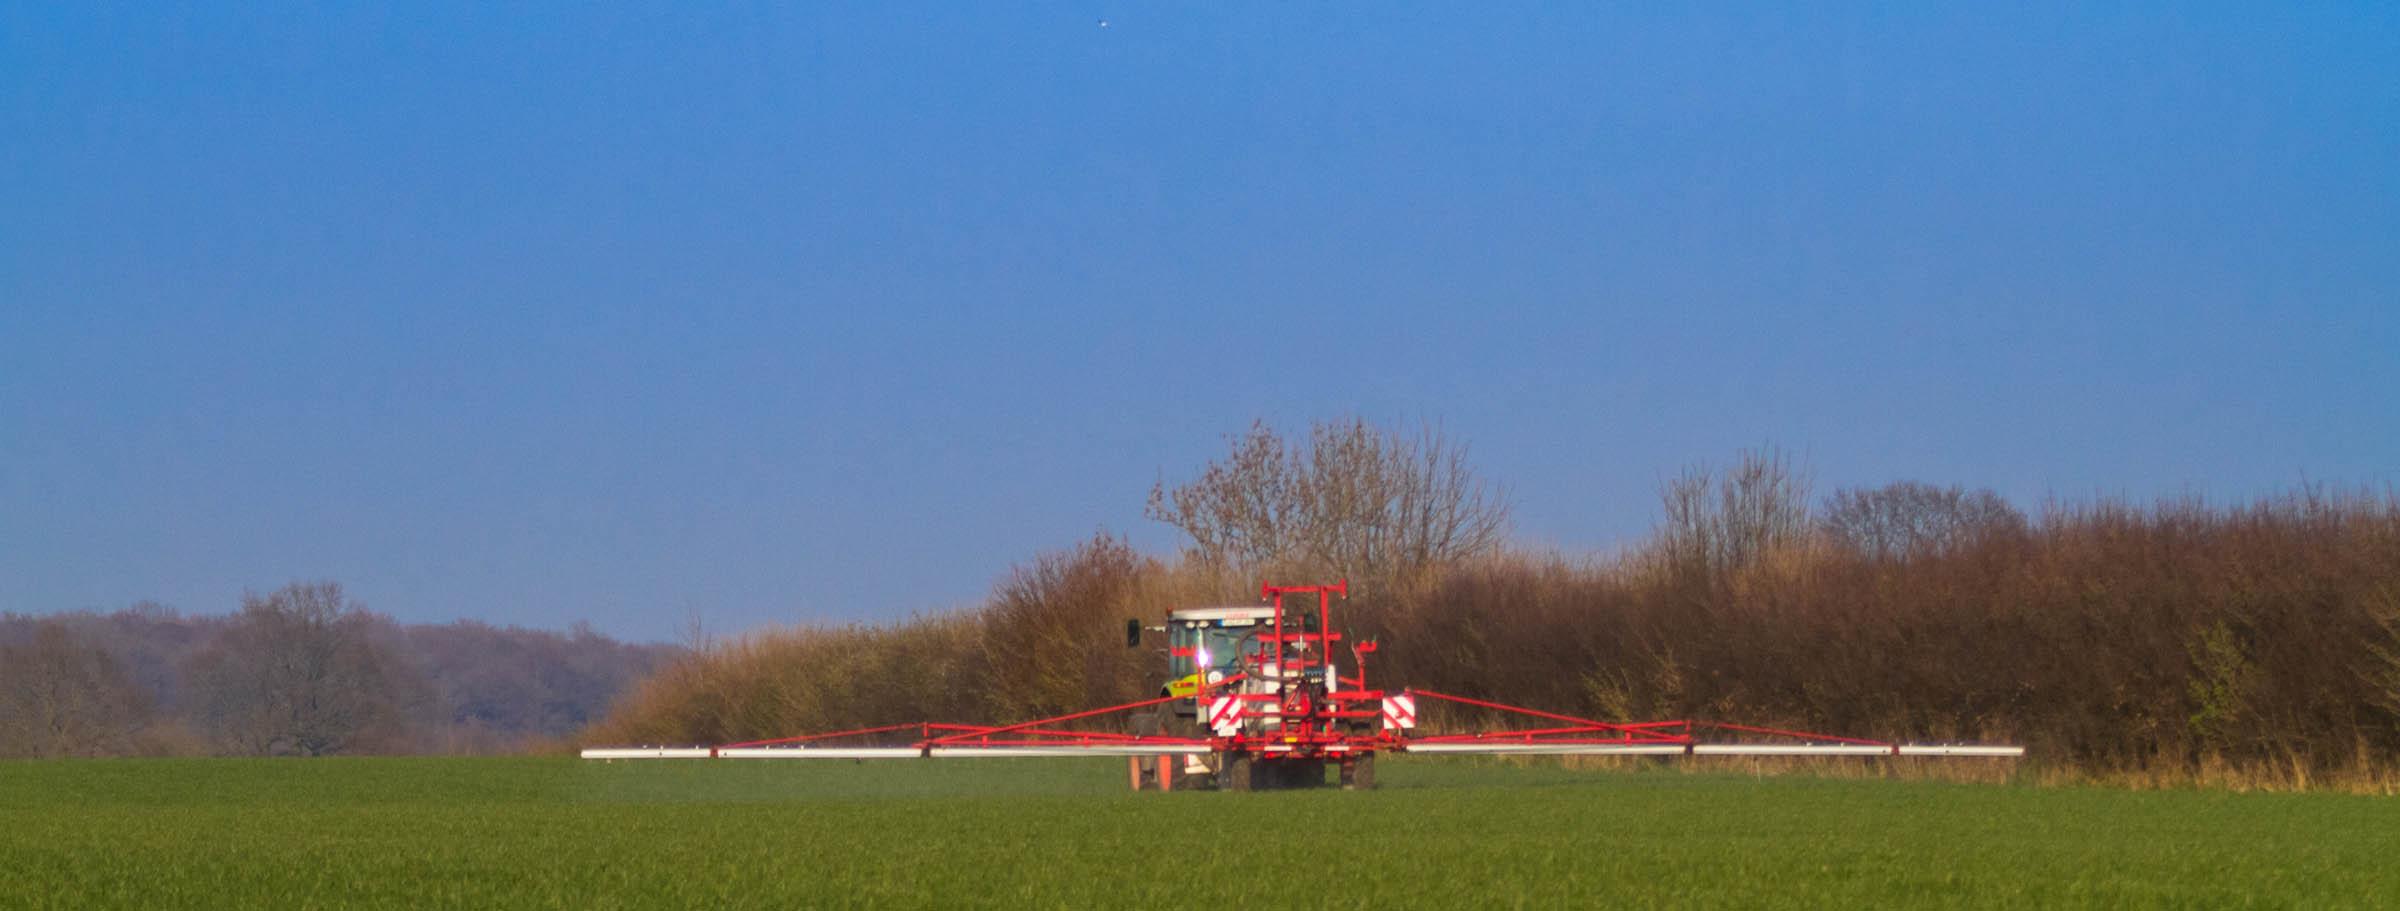 Landwirte müssen sich bei der Düngung sputen – Frühjahrstrockenheit könnte dem frühen Wachstum einen Strich durch die Rechnung machen